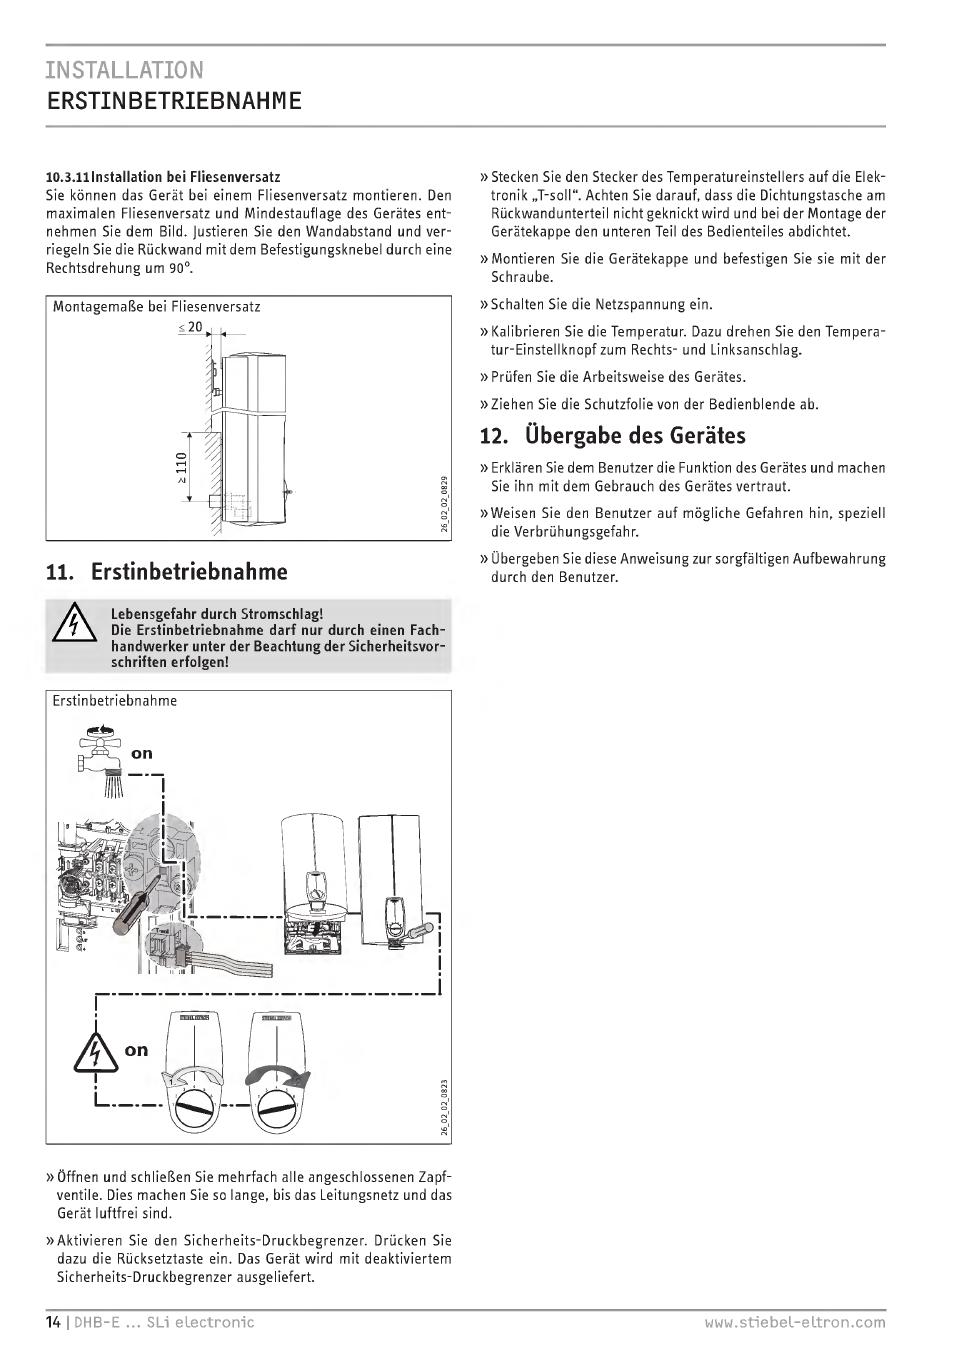 Installation Erstinbetriebnahme Übergabe Des Gerätes STIEBEL - Fliesenversatz